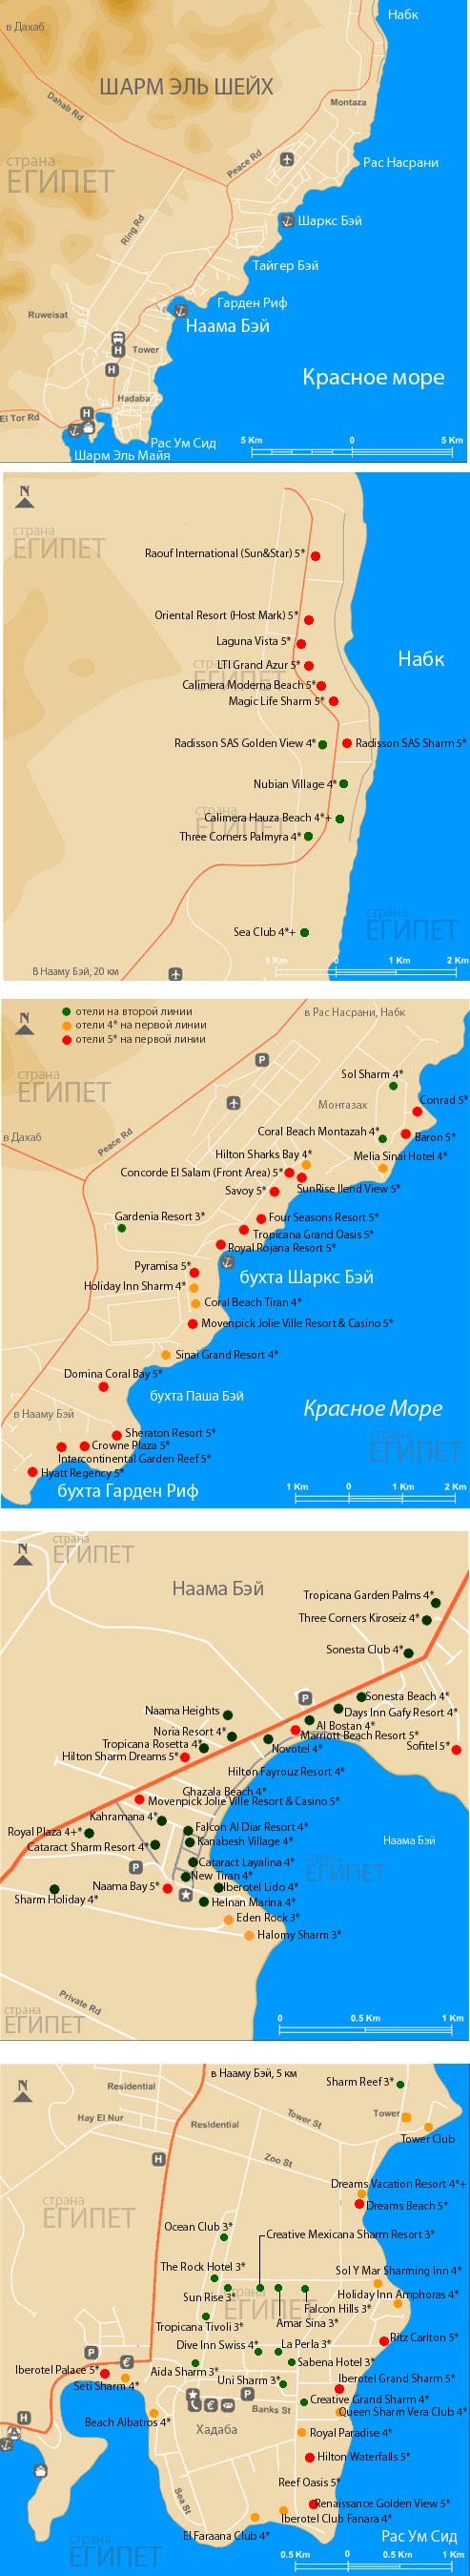 Карта отелей Шарм-эль-Шейха Египет: http://kruizru.ru/catalogue/sharm-el-sheikh/c549/i1788/